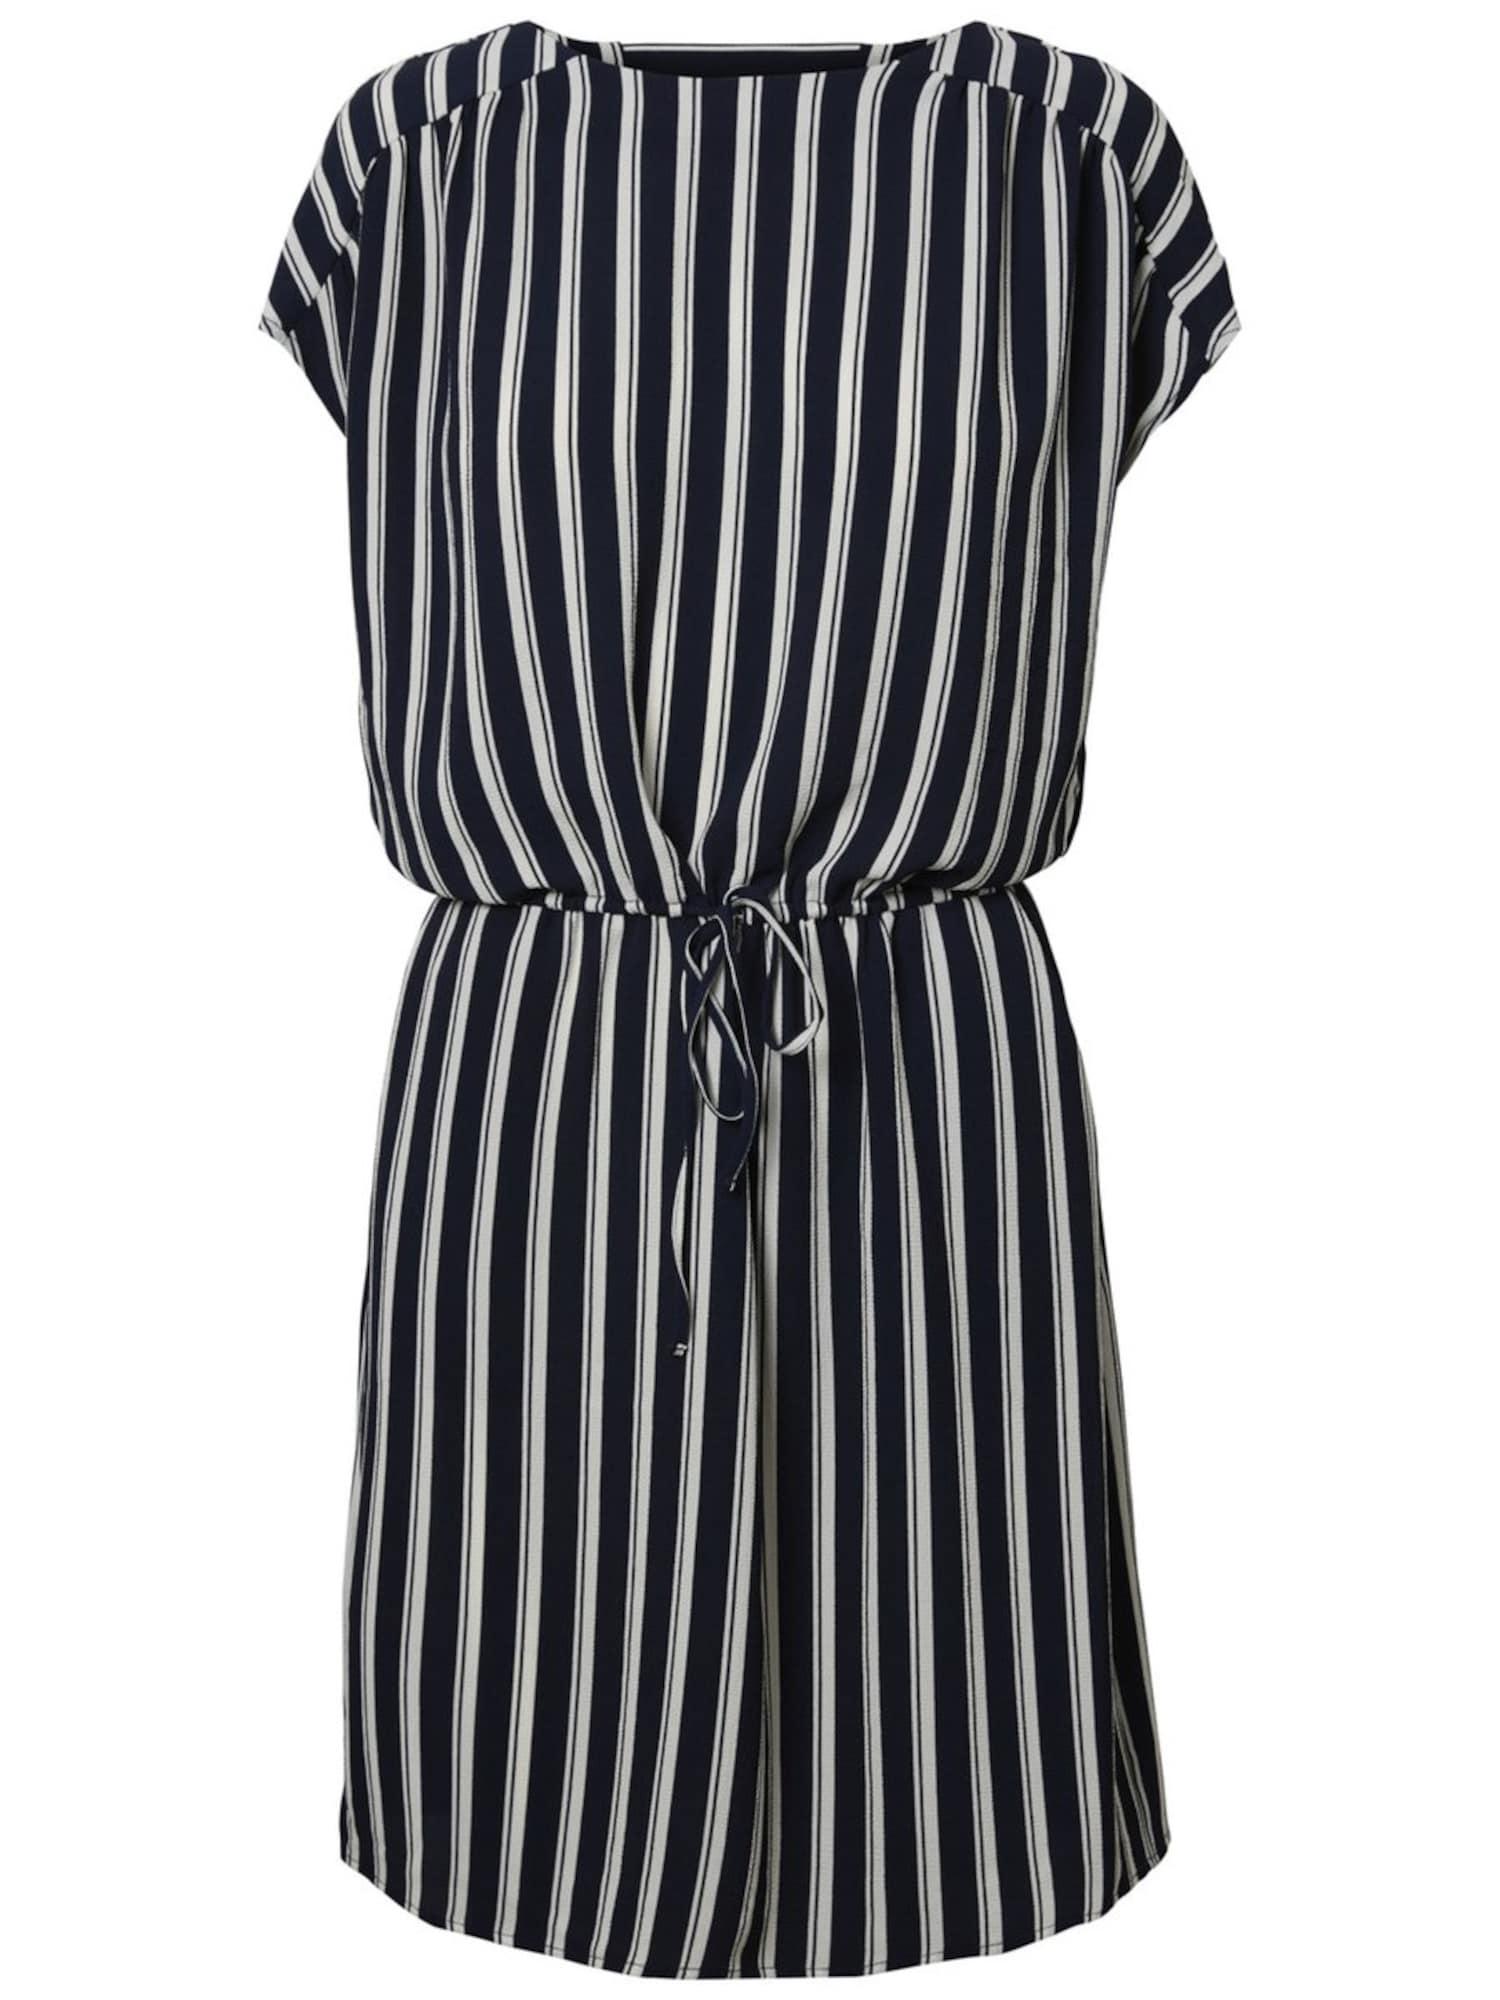 VERO MODA Letní šaty  námořnická modř / bílá